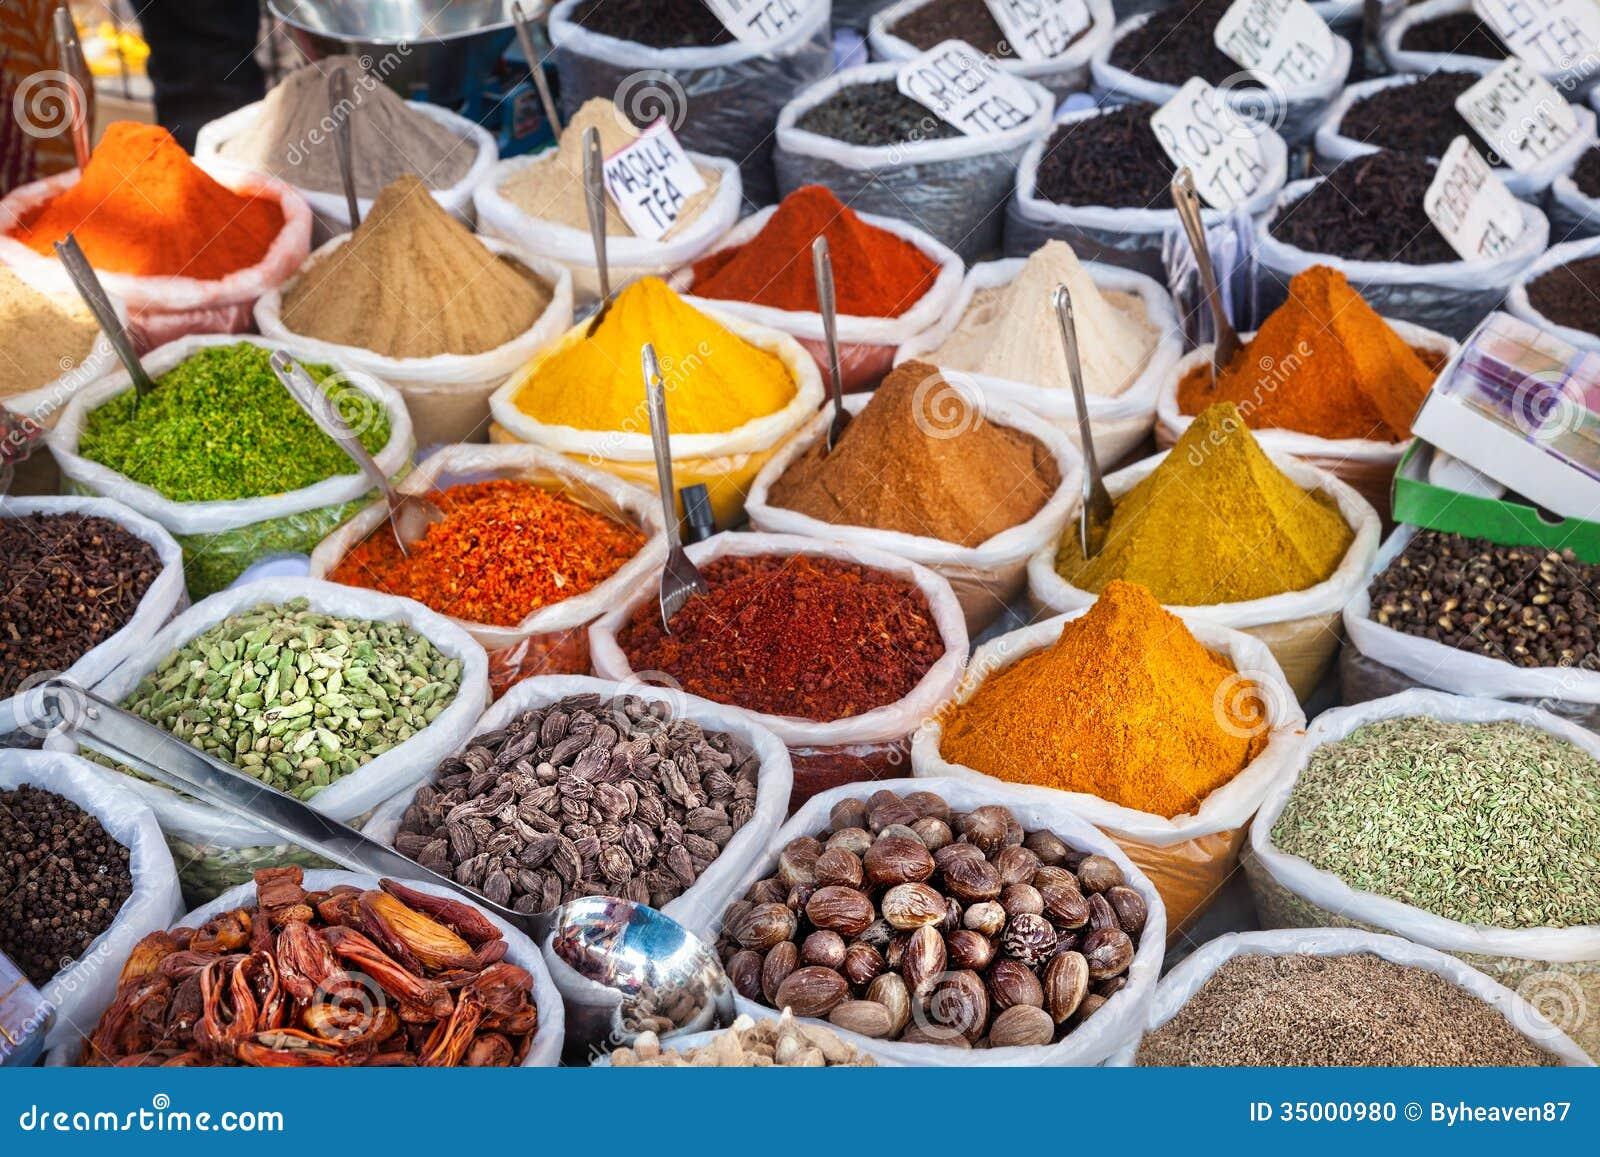 Indische Bunte Gewürze Stockfoto - Bild: 35000980